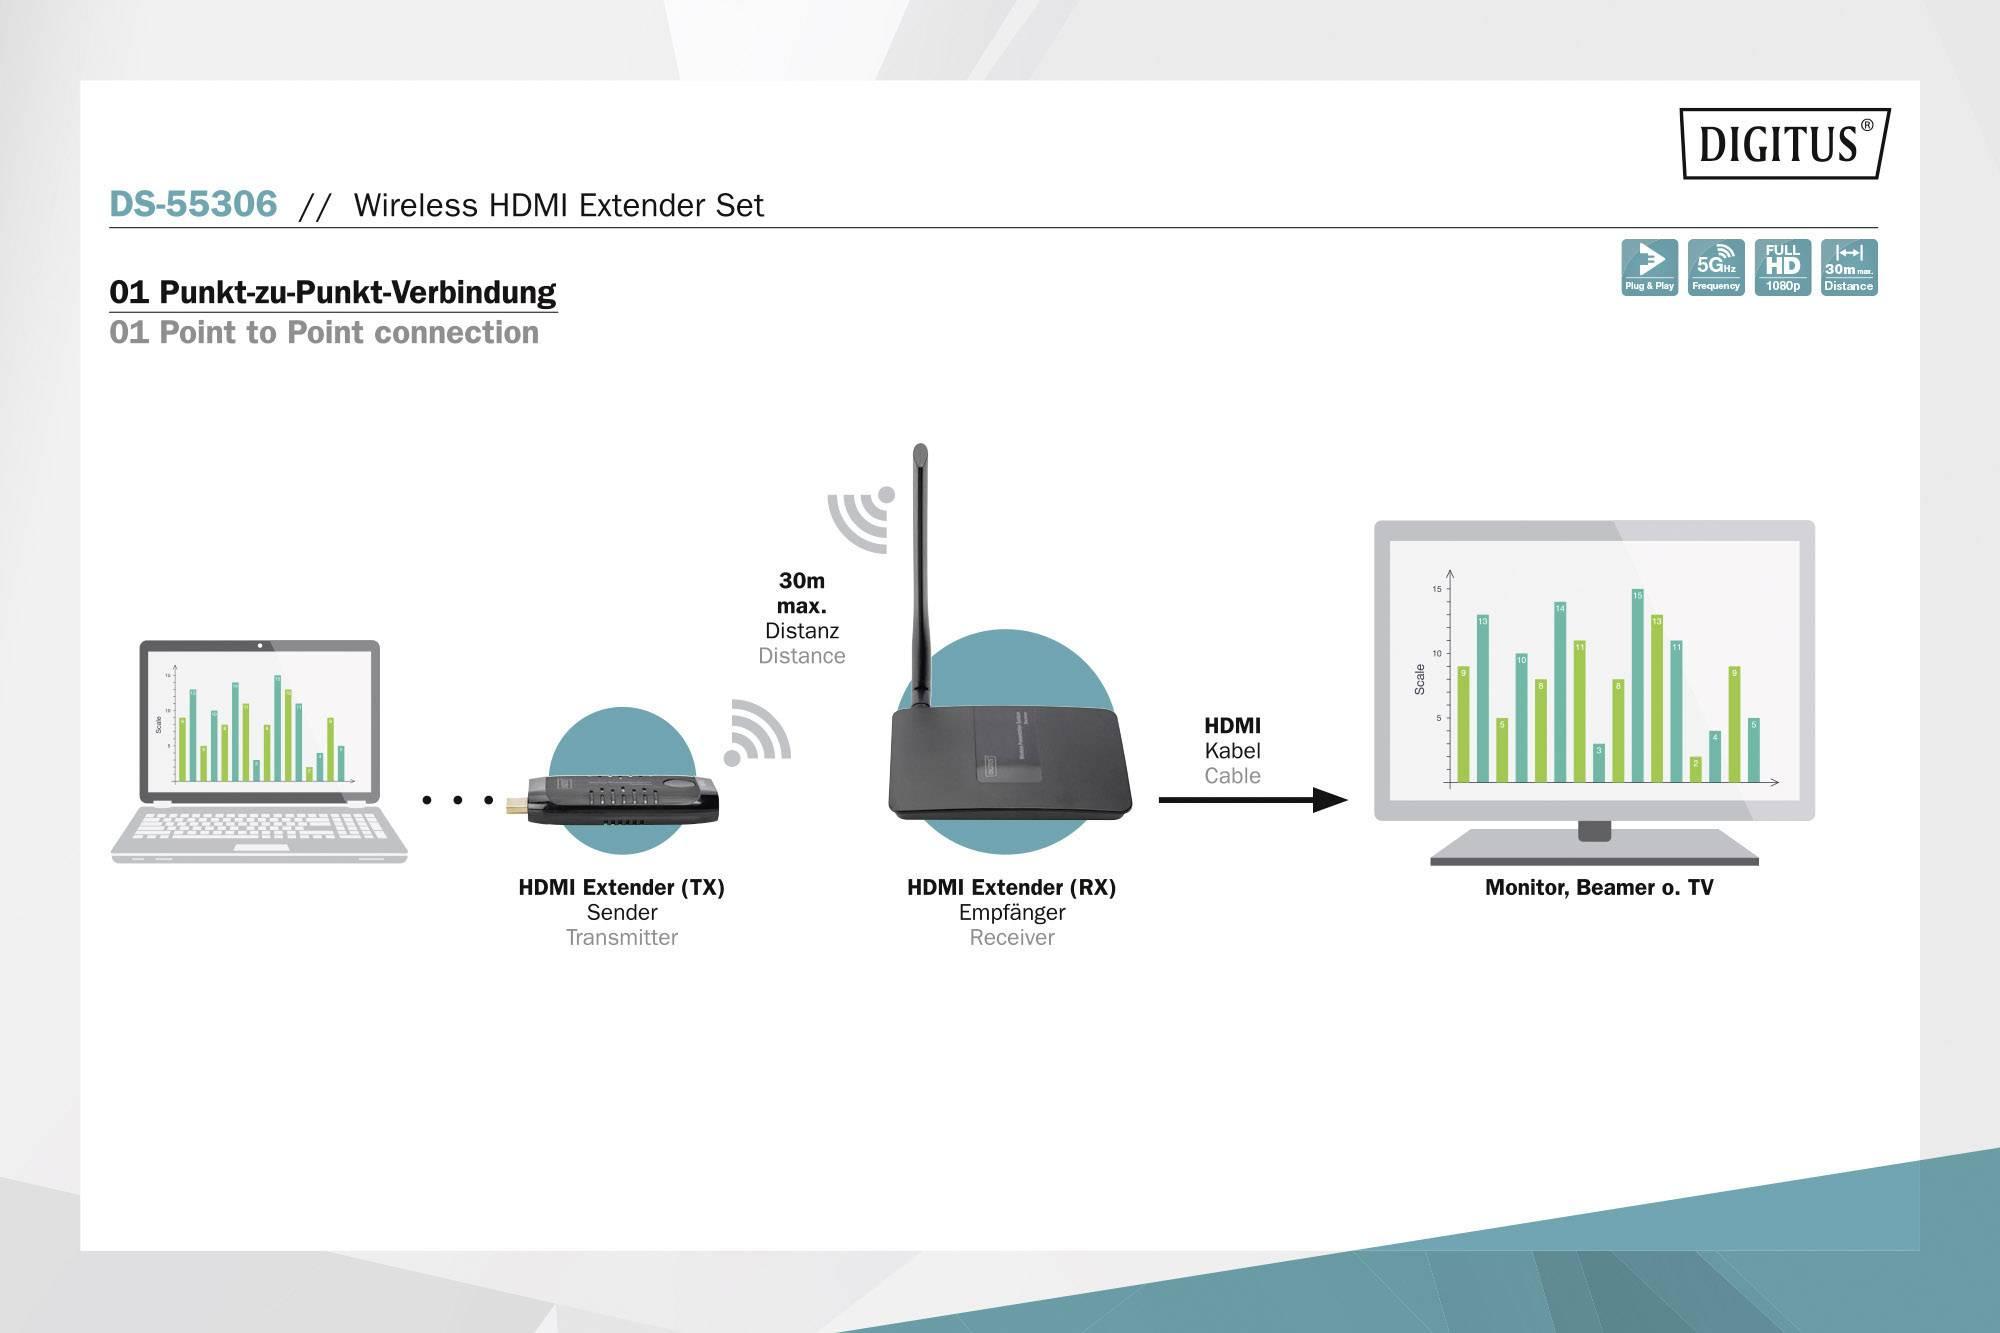 Digitus DS-55306 HDMI naprava za brezžični prenos (komplet) 30 m 60 Hz 1920 x 1080 piksel hd avdio, vgrajeni LED zaslon